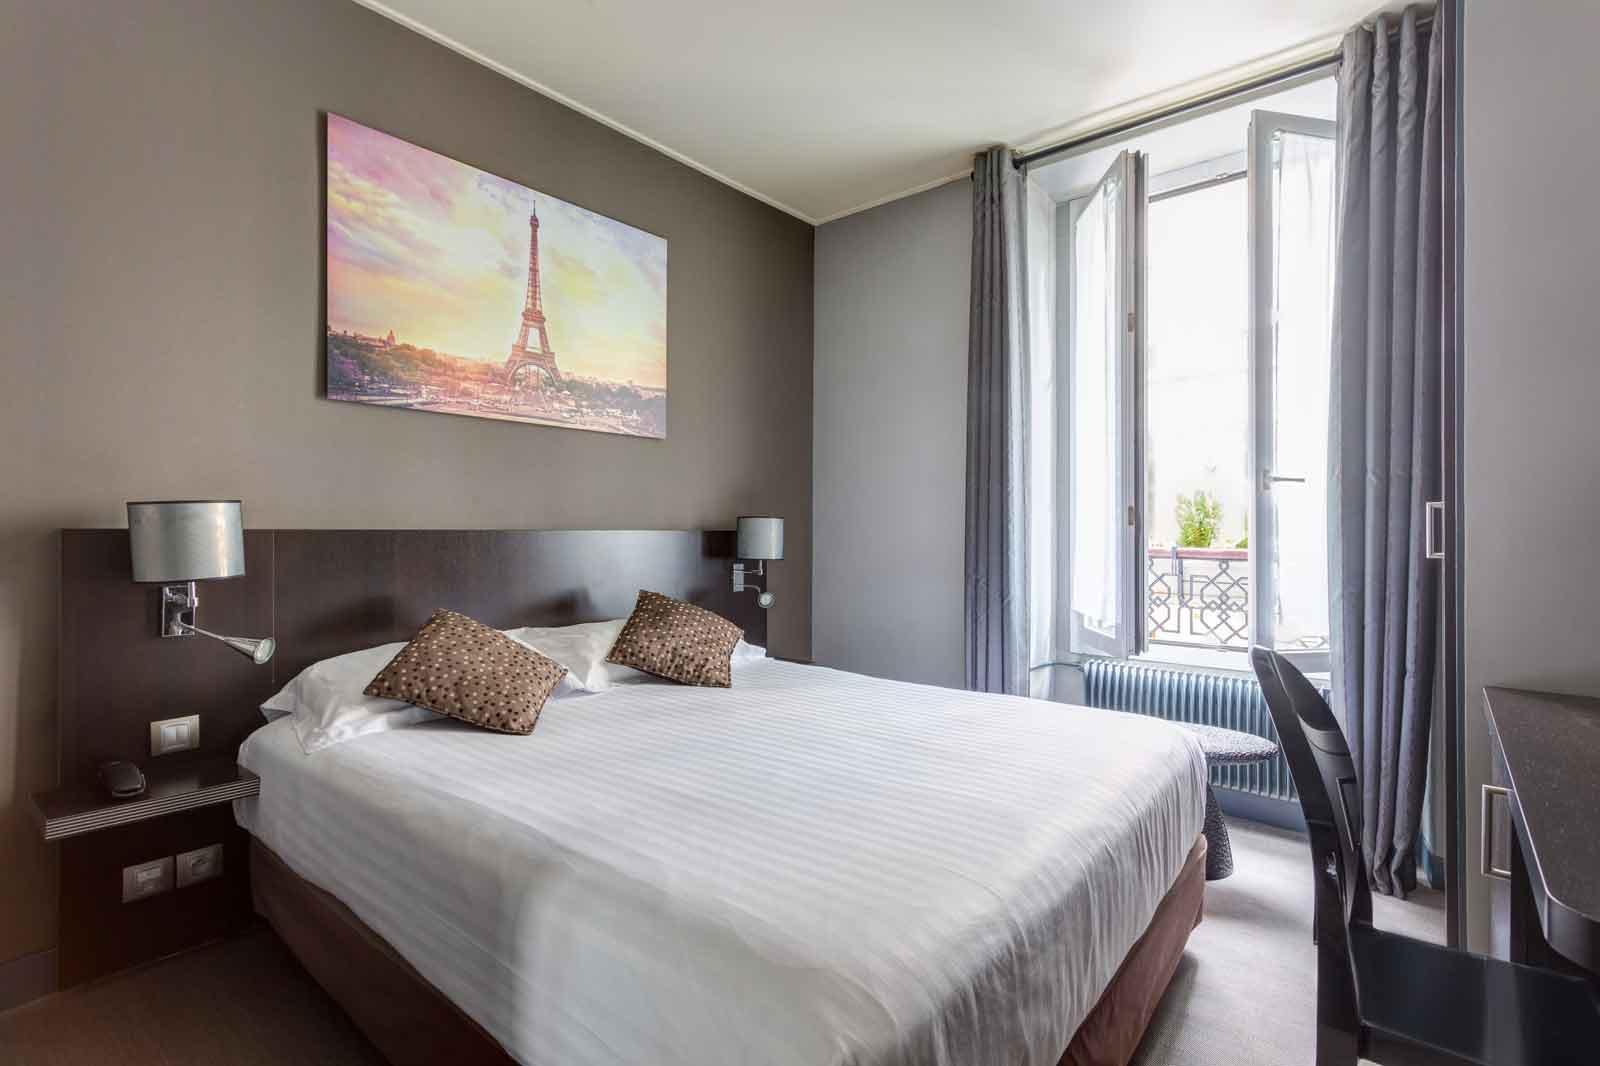 Chambre double hotel jardin de villiers paris 17 - Reserver une chambre d hotel pour une apres midi ...